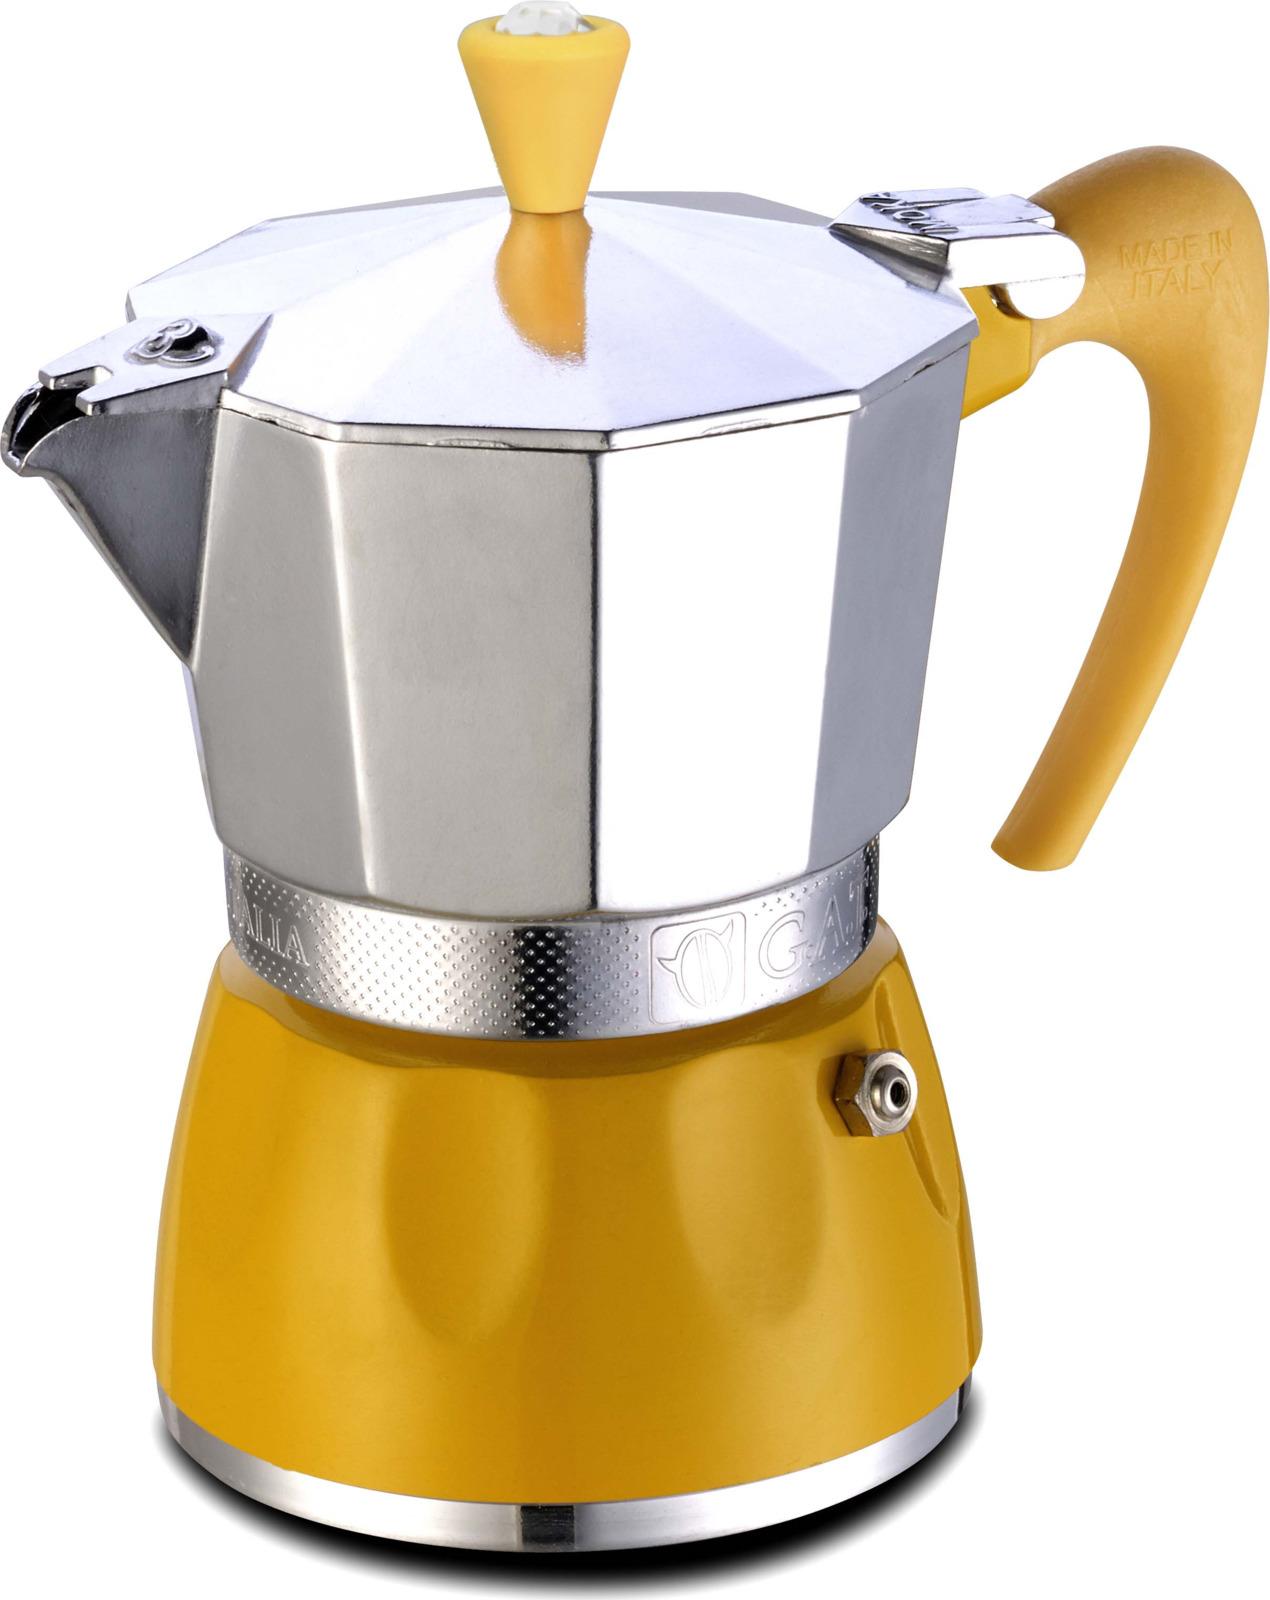 лучшая цена Гейзерная кофеварка 100002 yellow, Алюминий